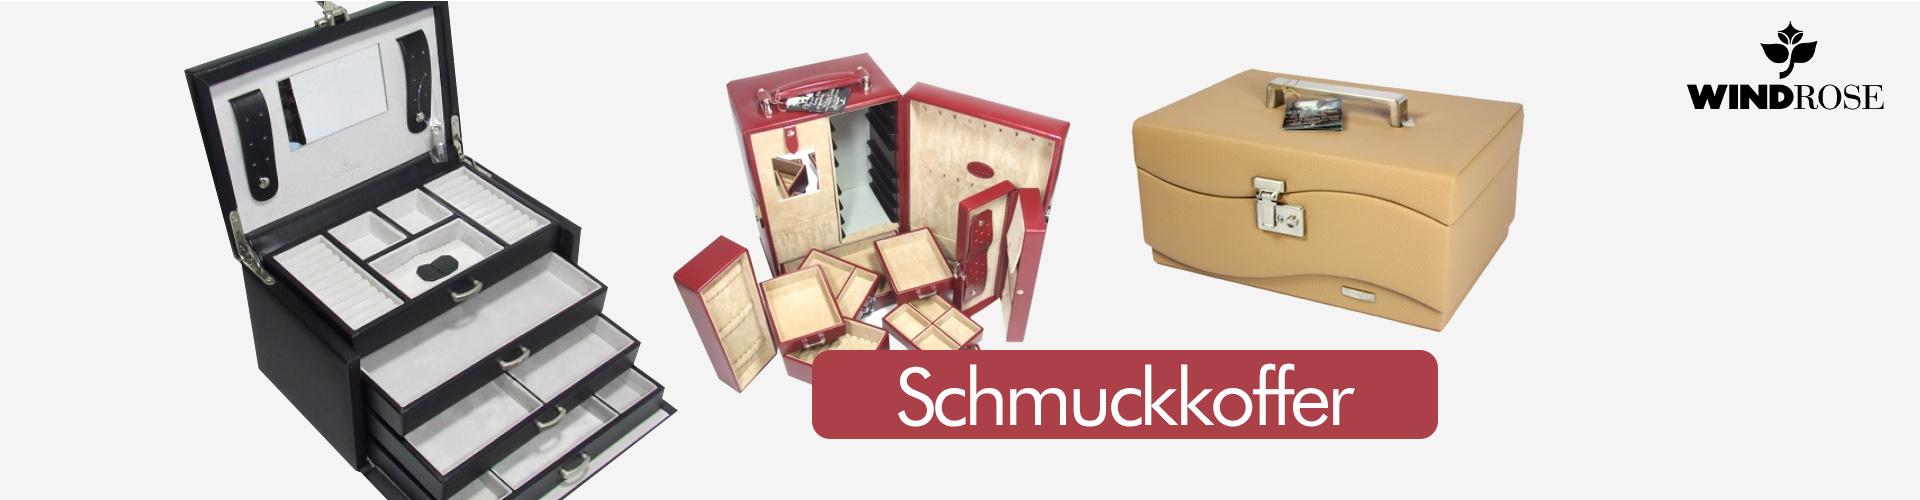 WINDROSE Merino Schmuckkoffer 6 seitliche Schubladen Schmuckschatulle Schwarz